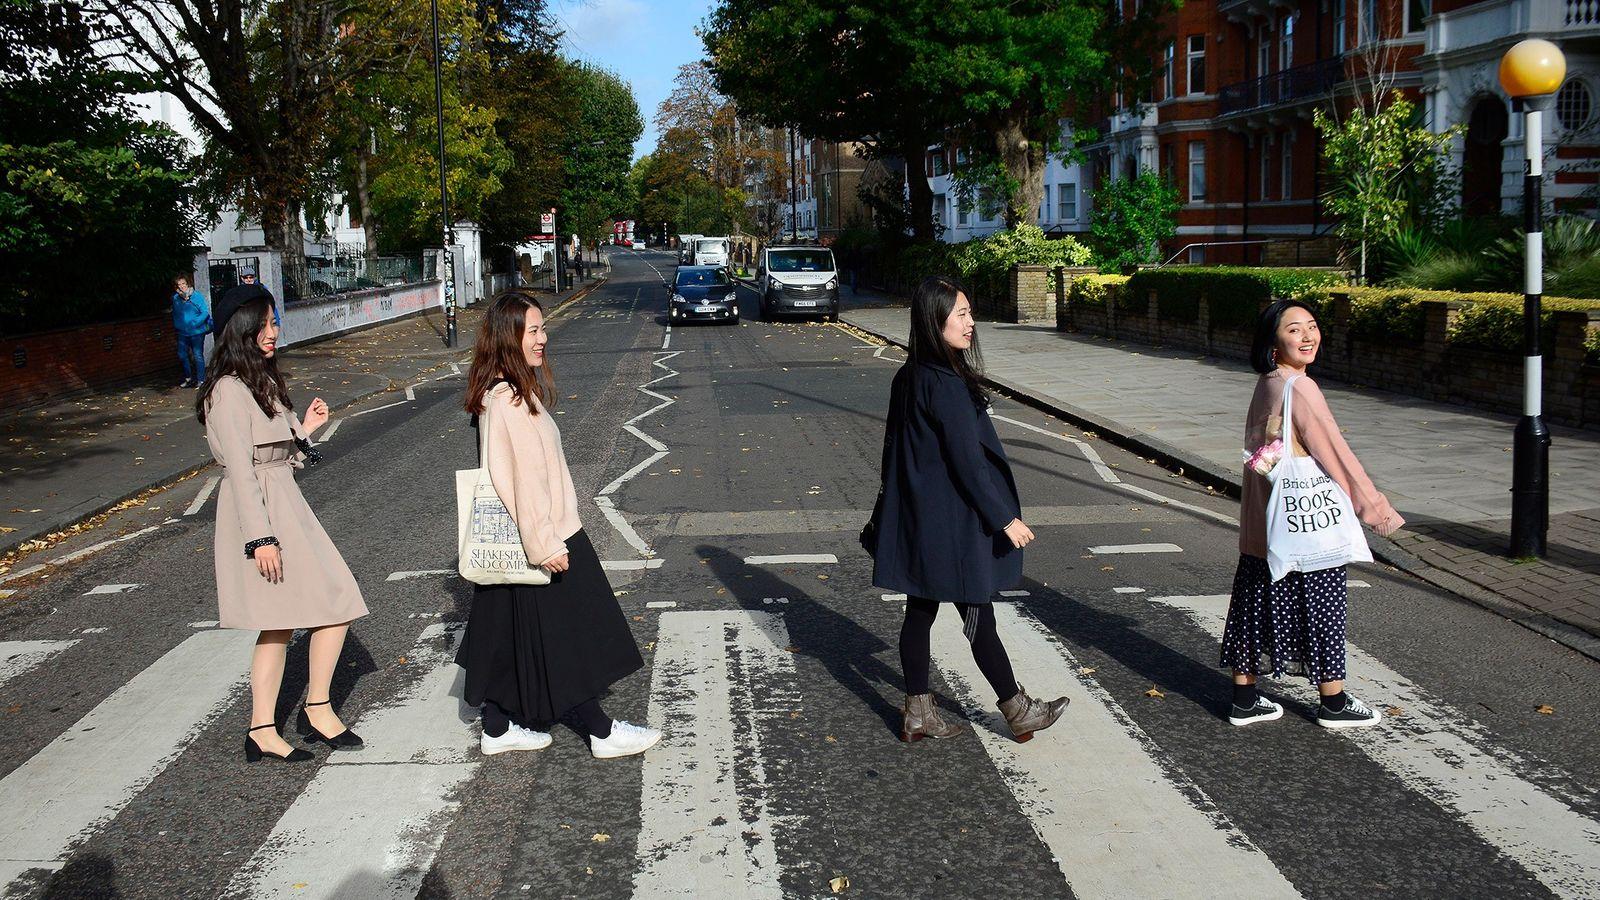 Turistas posam para uma foto na icônica faixa de pedestres, próxima ao Abbey Road Studios.